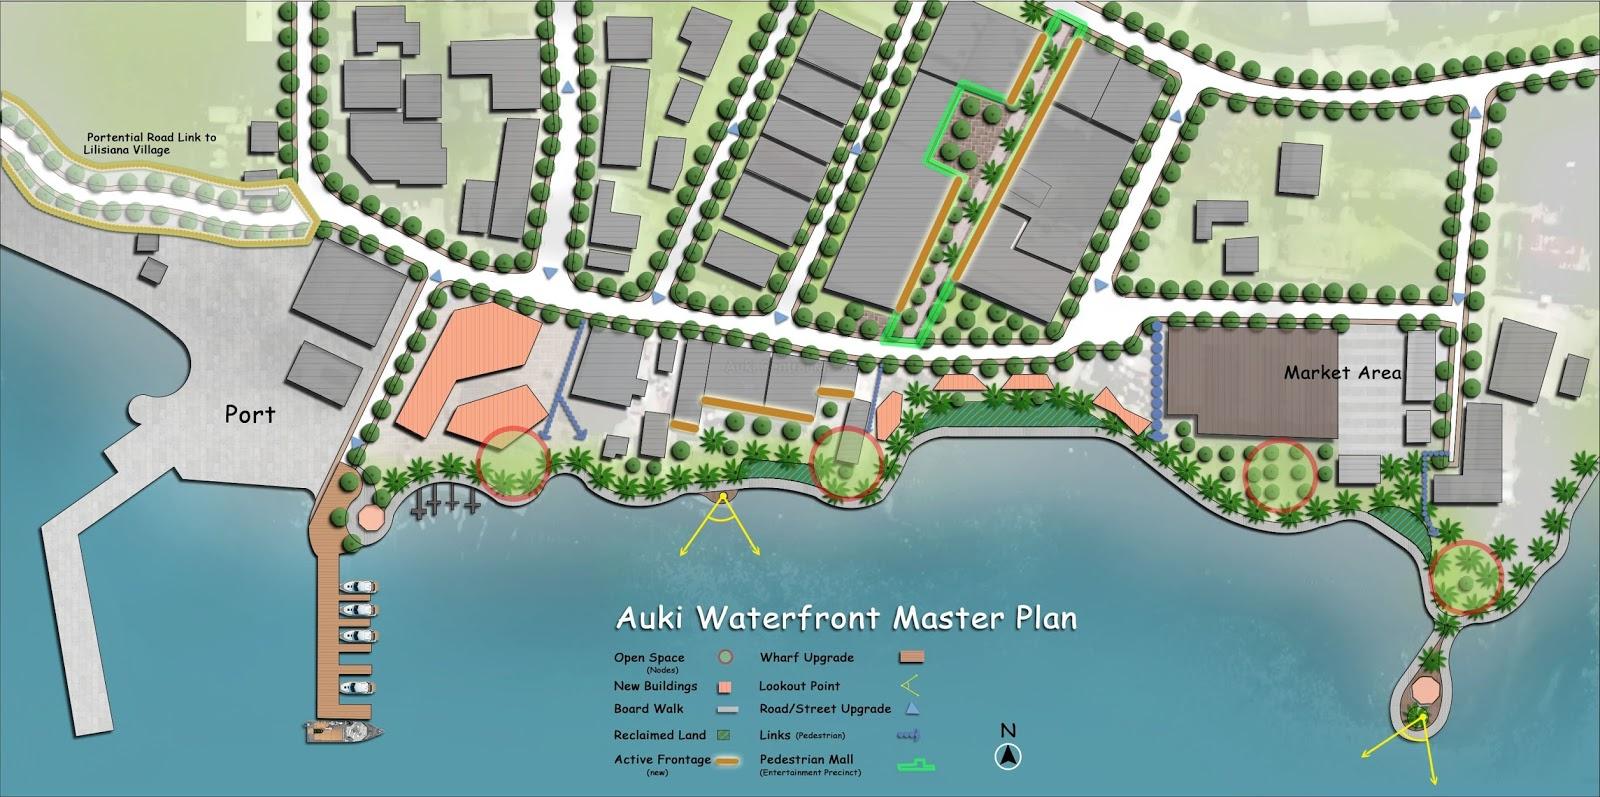 figure 8 auki waterfront master plan source auki local planning scheme and structure plan